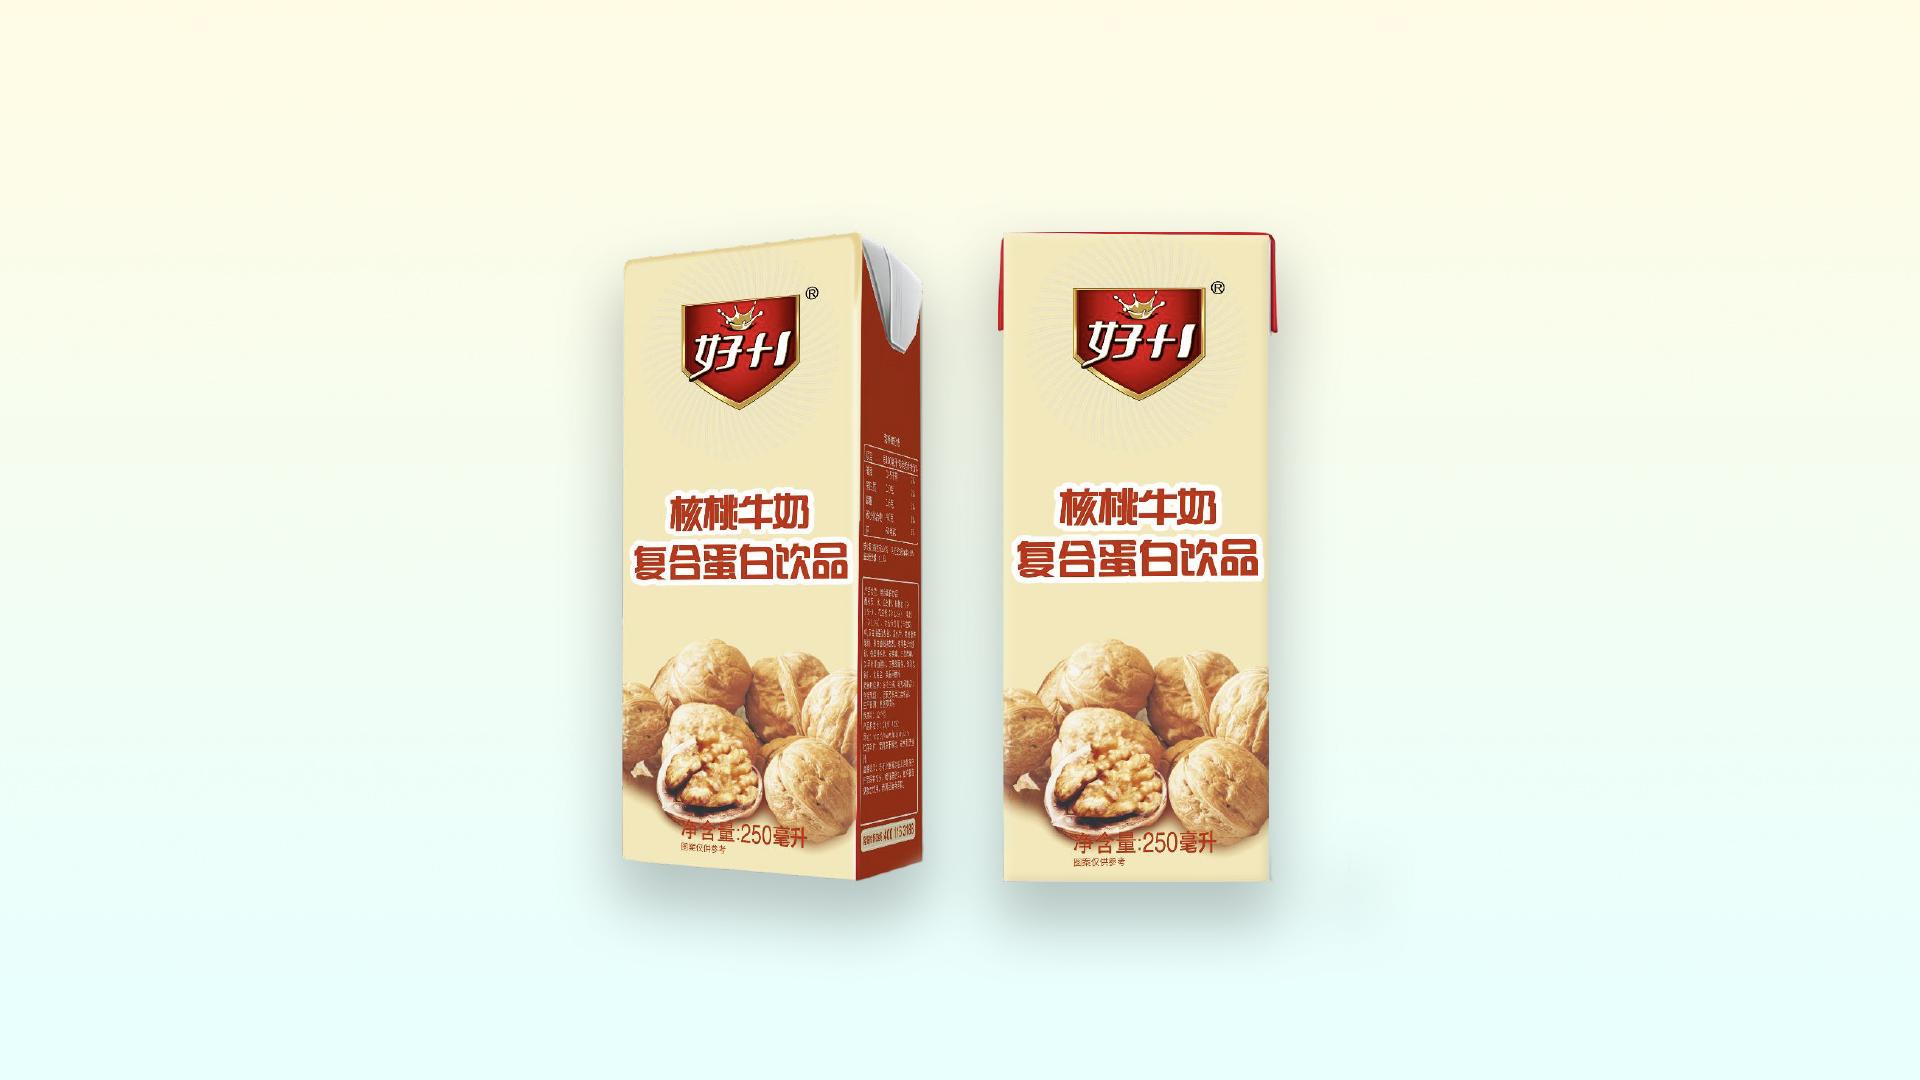 好+1bobios牛奶复合蛋白